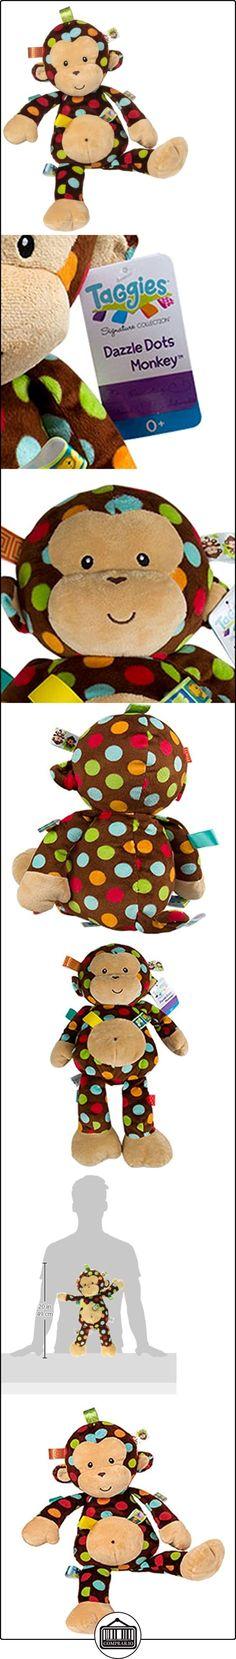 Taggies - Dazzle Dots mono - 45cm Peluche  ✿ Regalos para recién nacidos - Bebes ✿ ▬► Ver oferta: http://comprar.io/goto/B00AJF7OZA